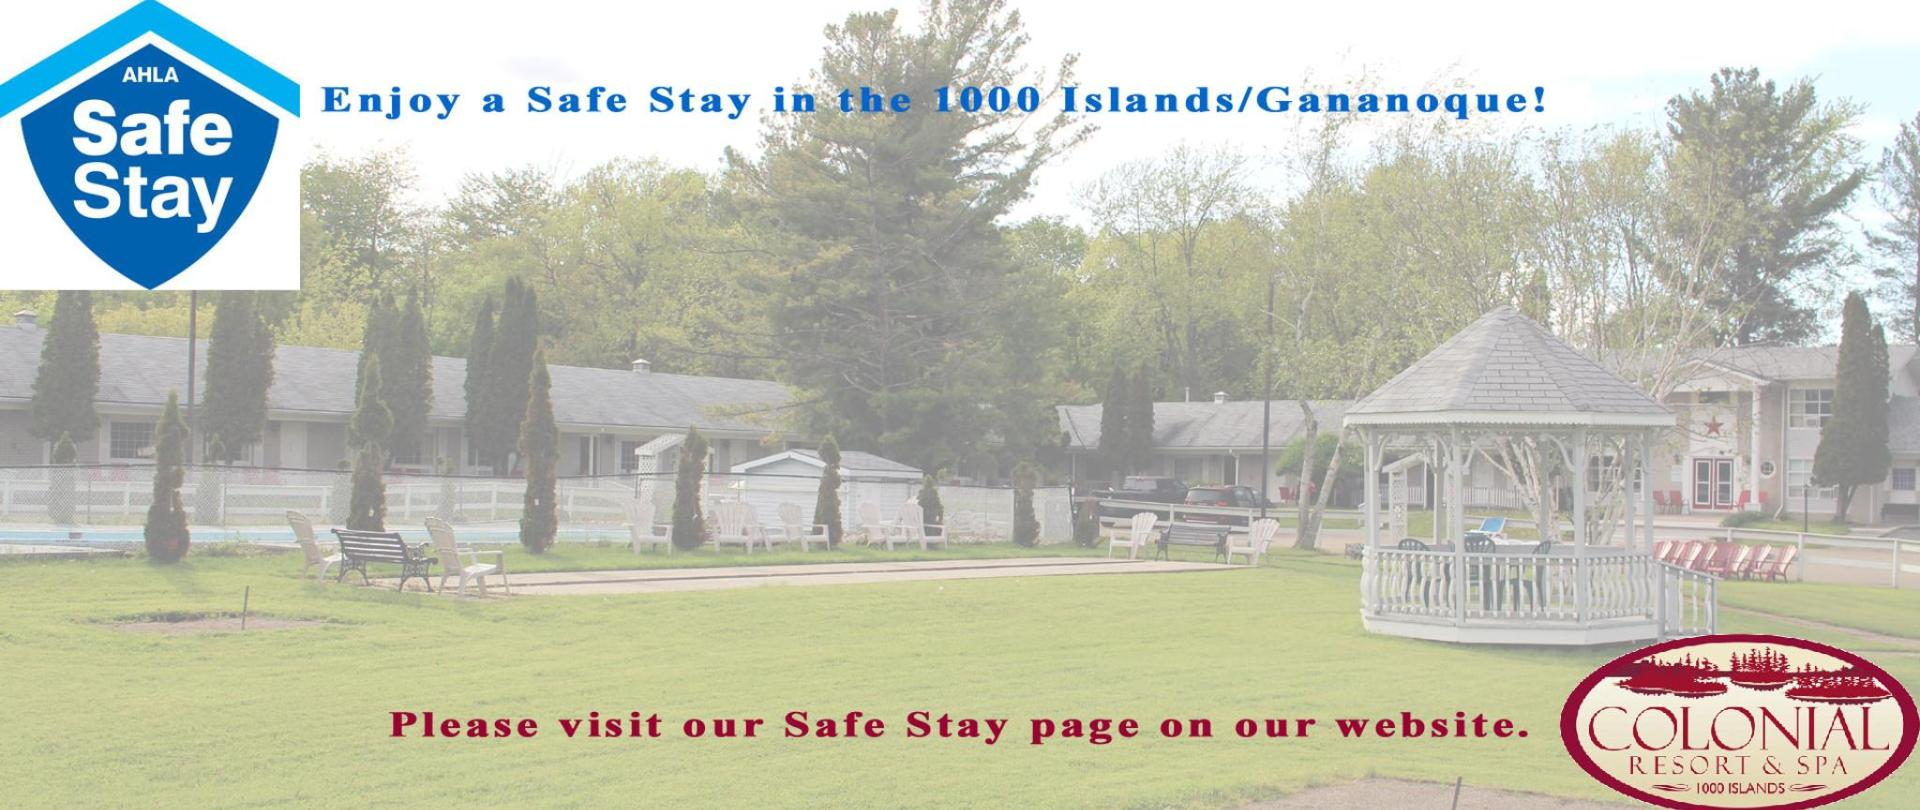 SafeStayslideshow2.jpg